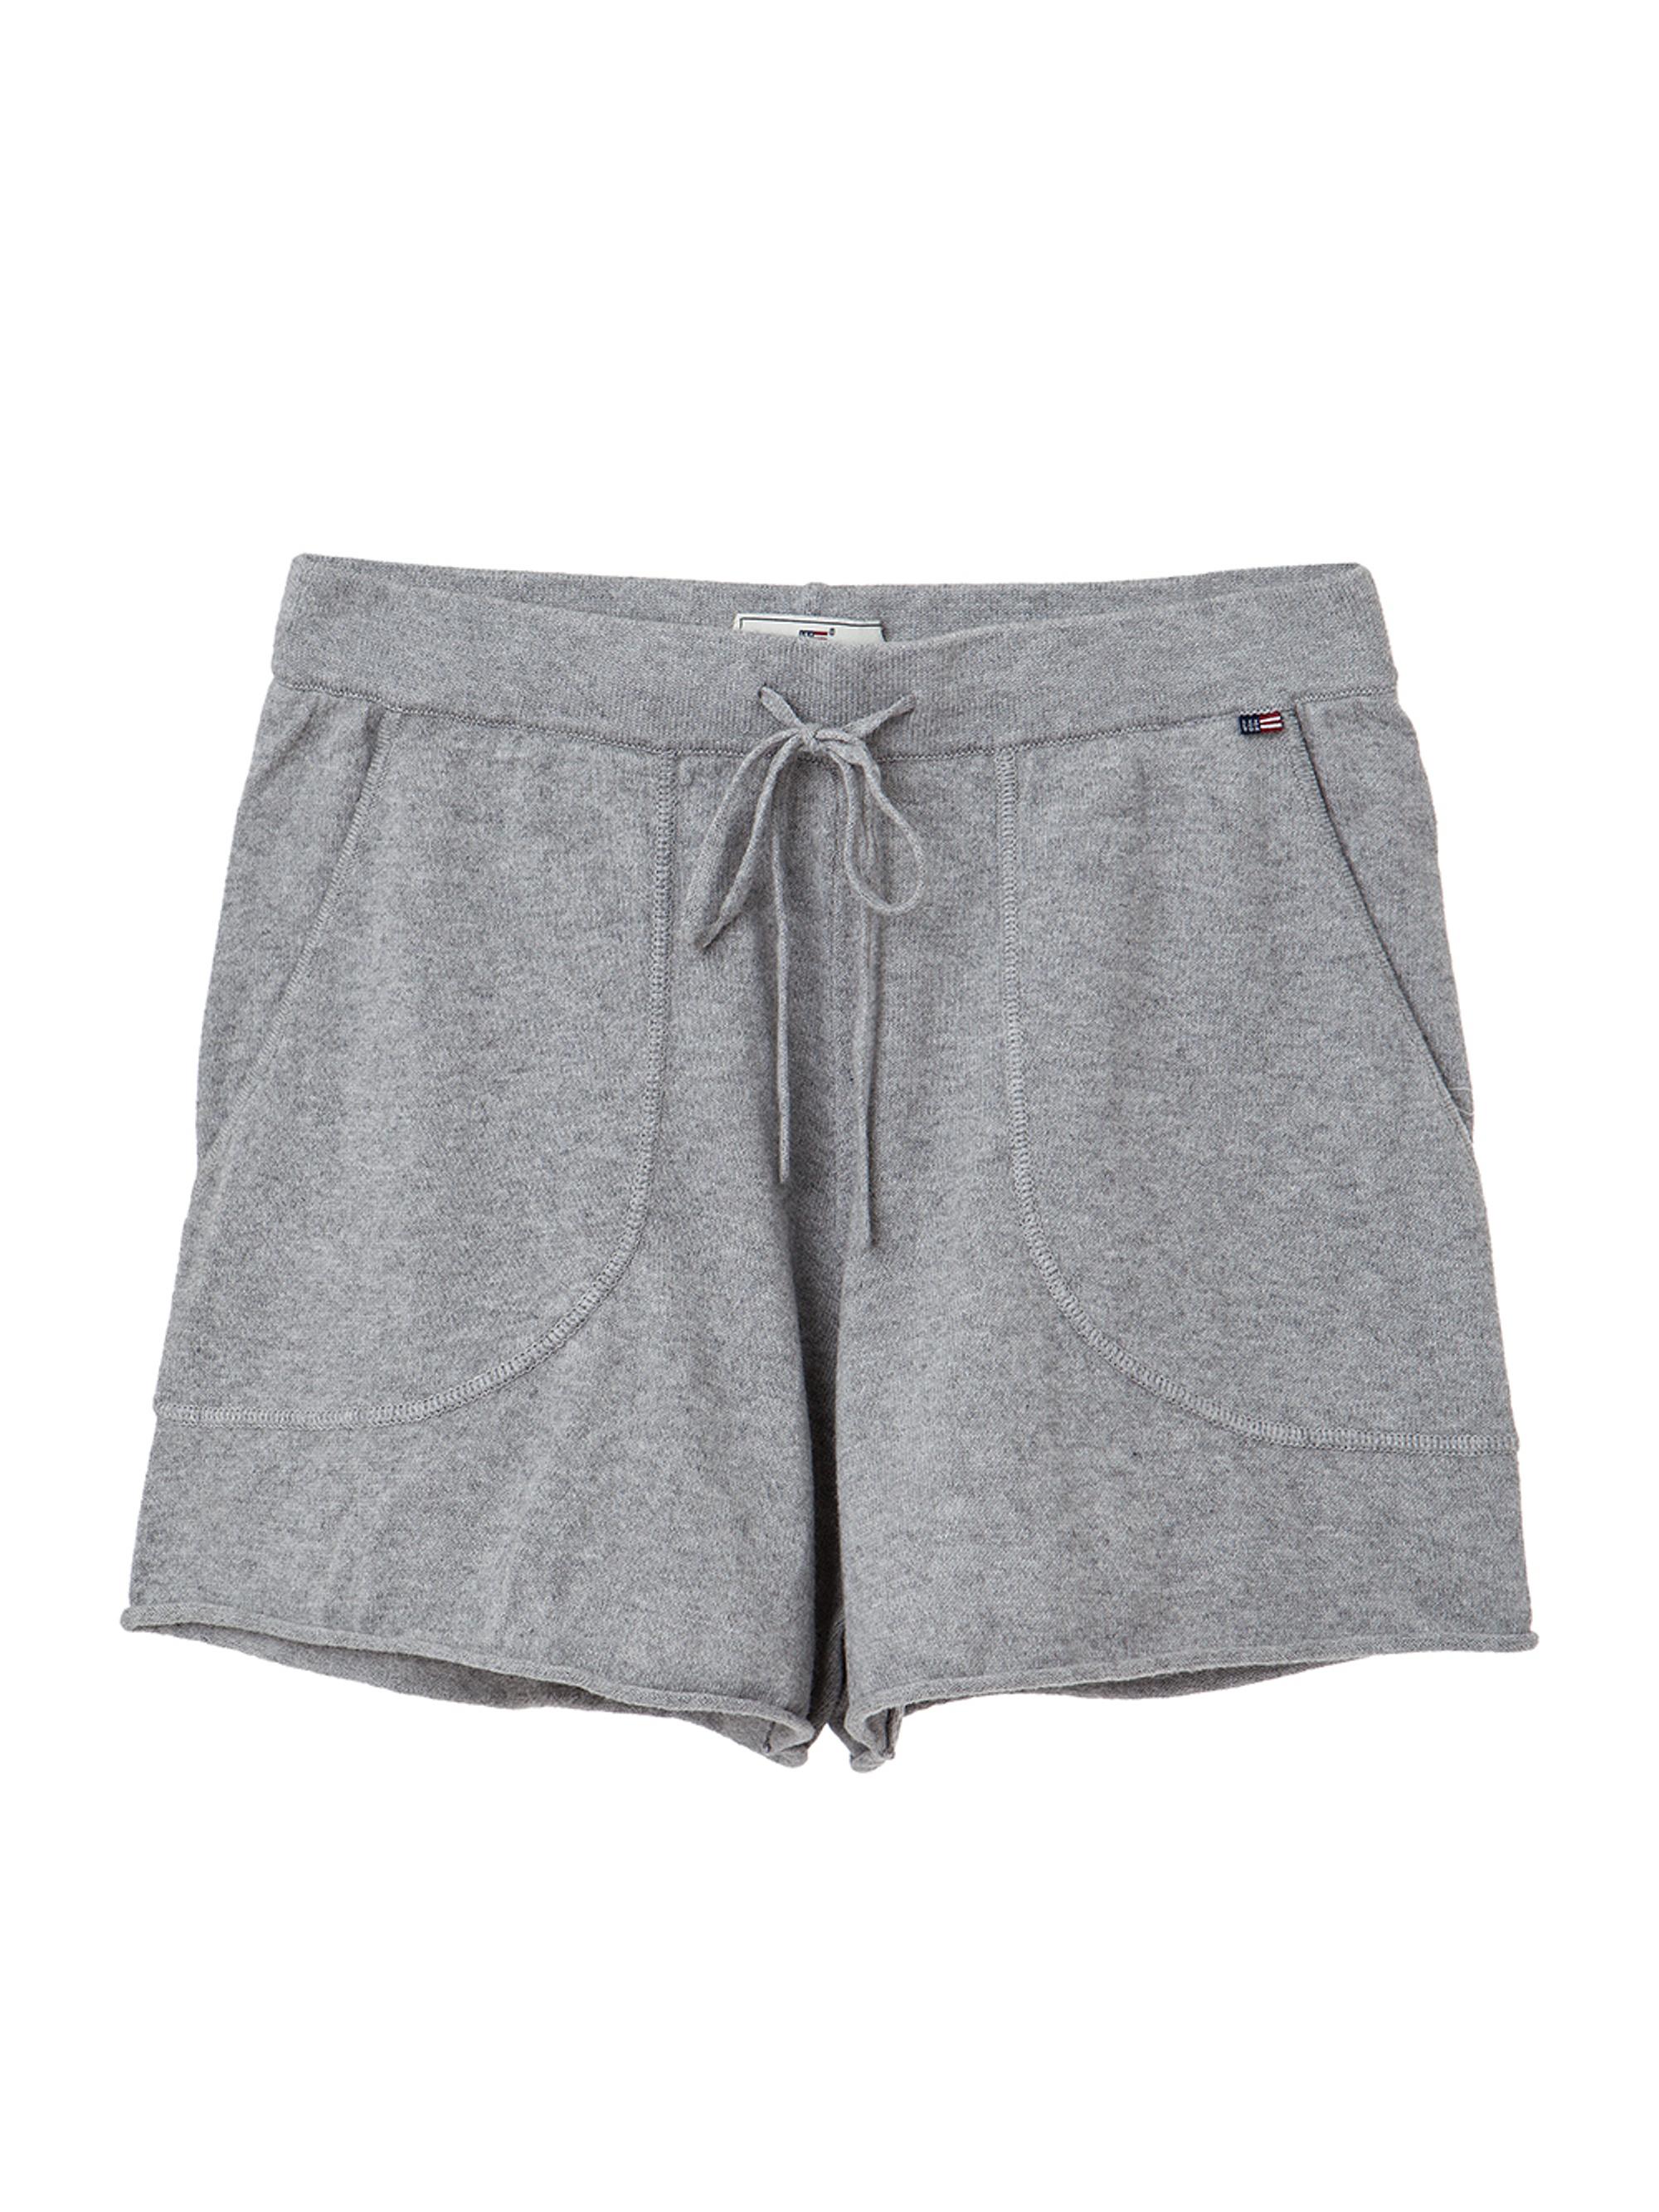 Sabine Knit Shorts, Light Warm Gray